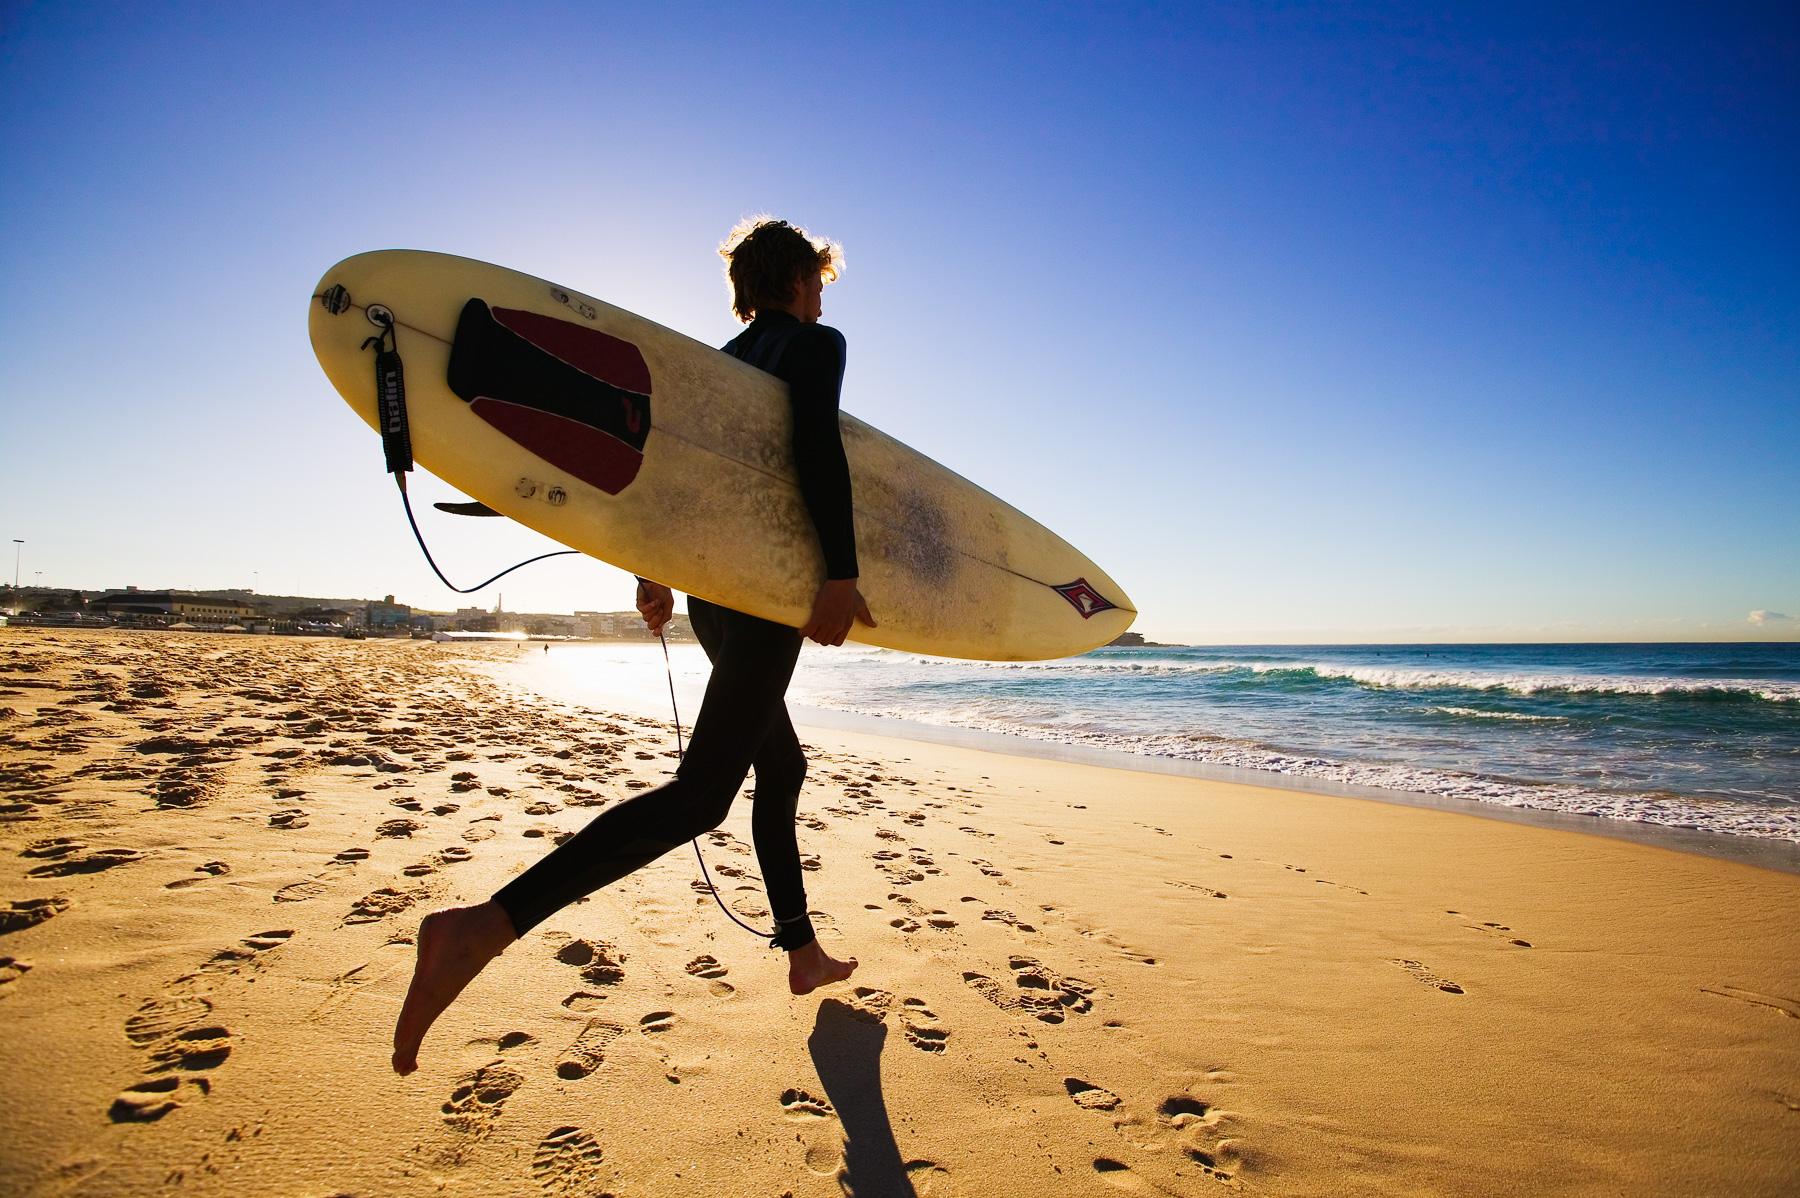 Surfer at Bondi Beach.